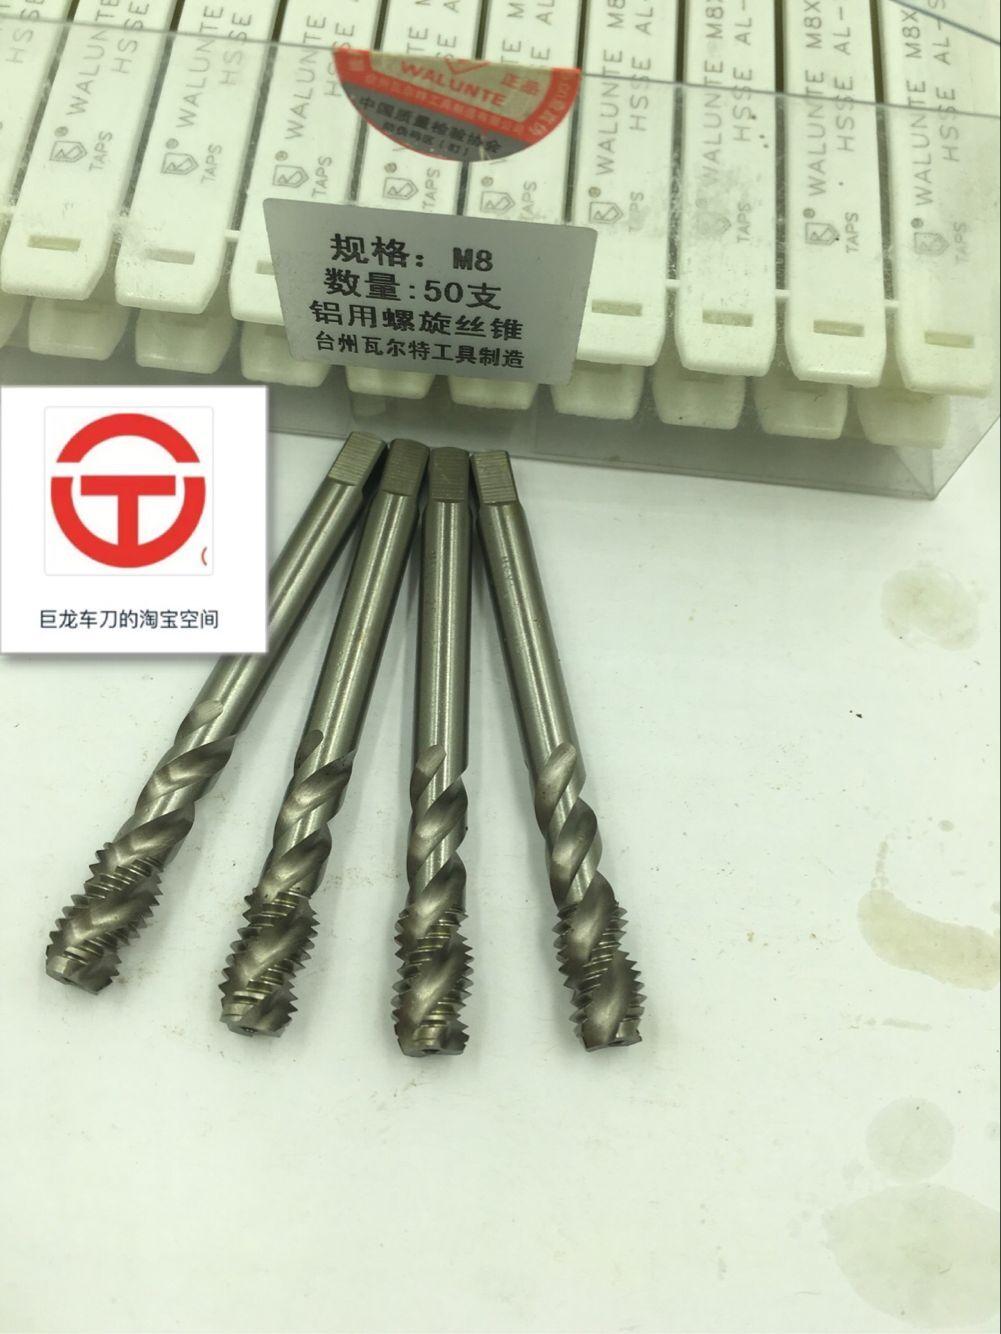 Special aluminum screw tap tap tap tip apex / / /M3M4M5M6M8M10M12M14M16